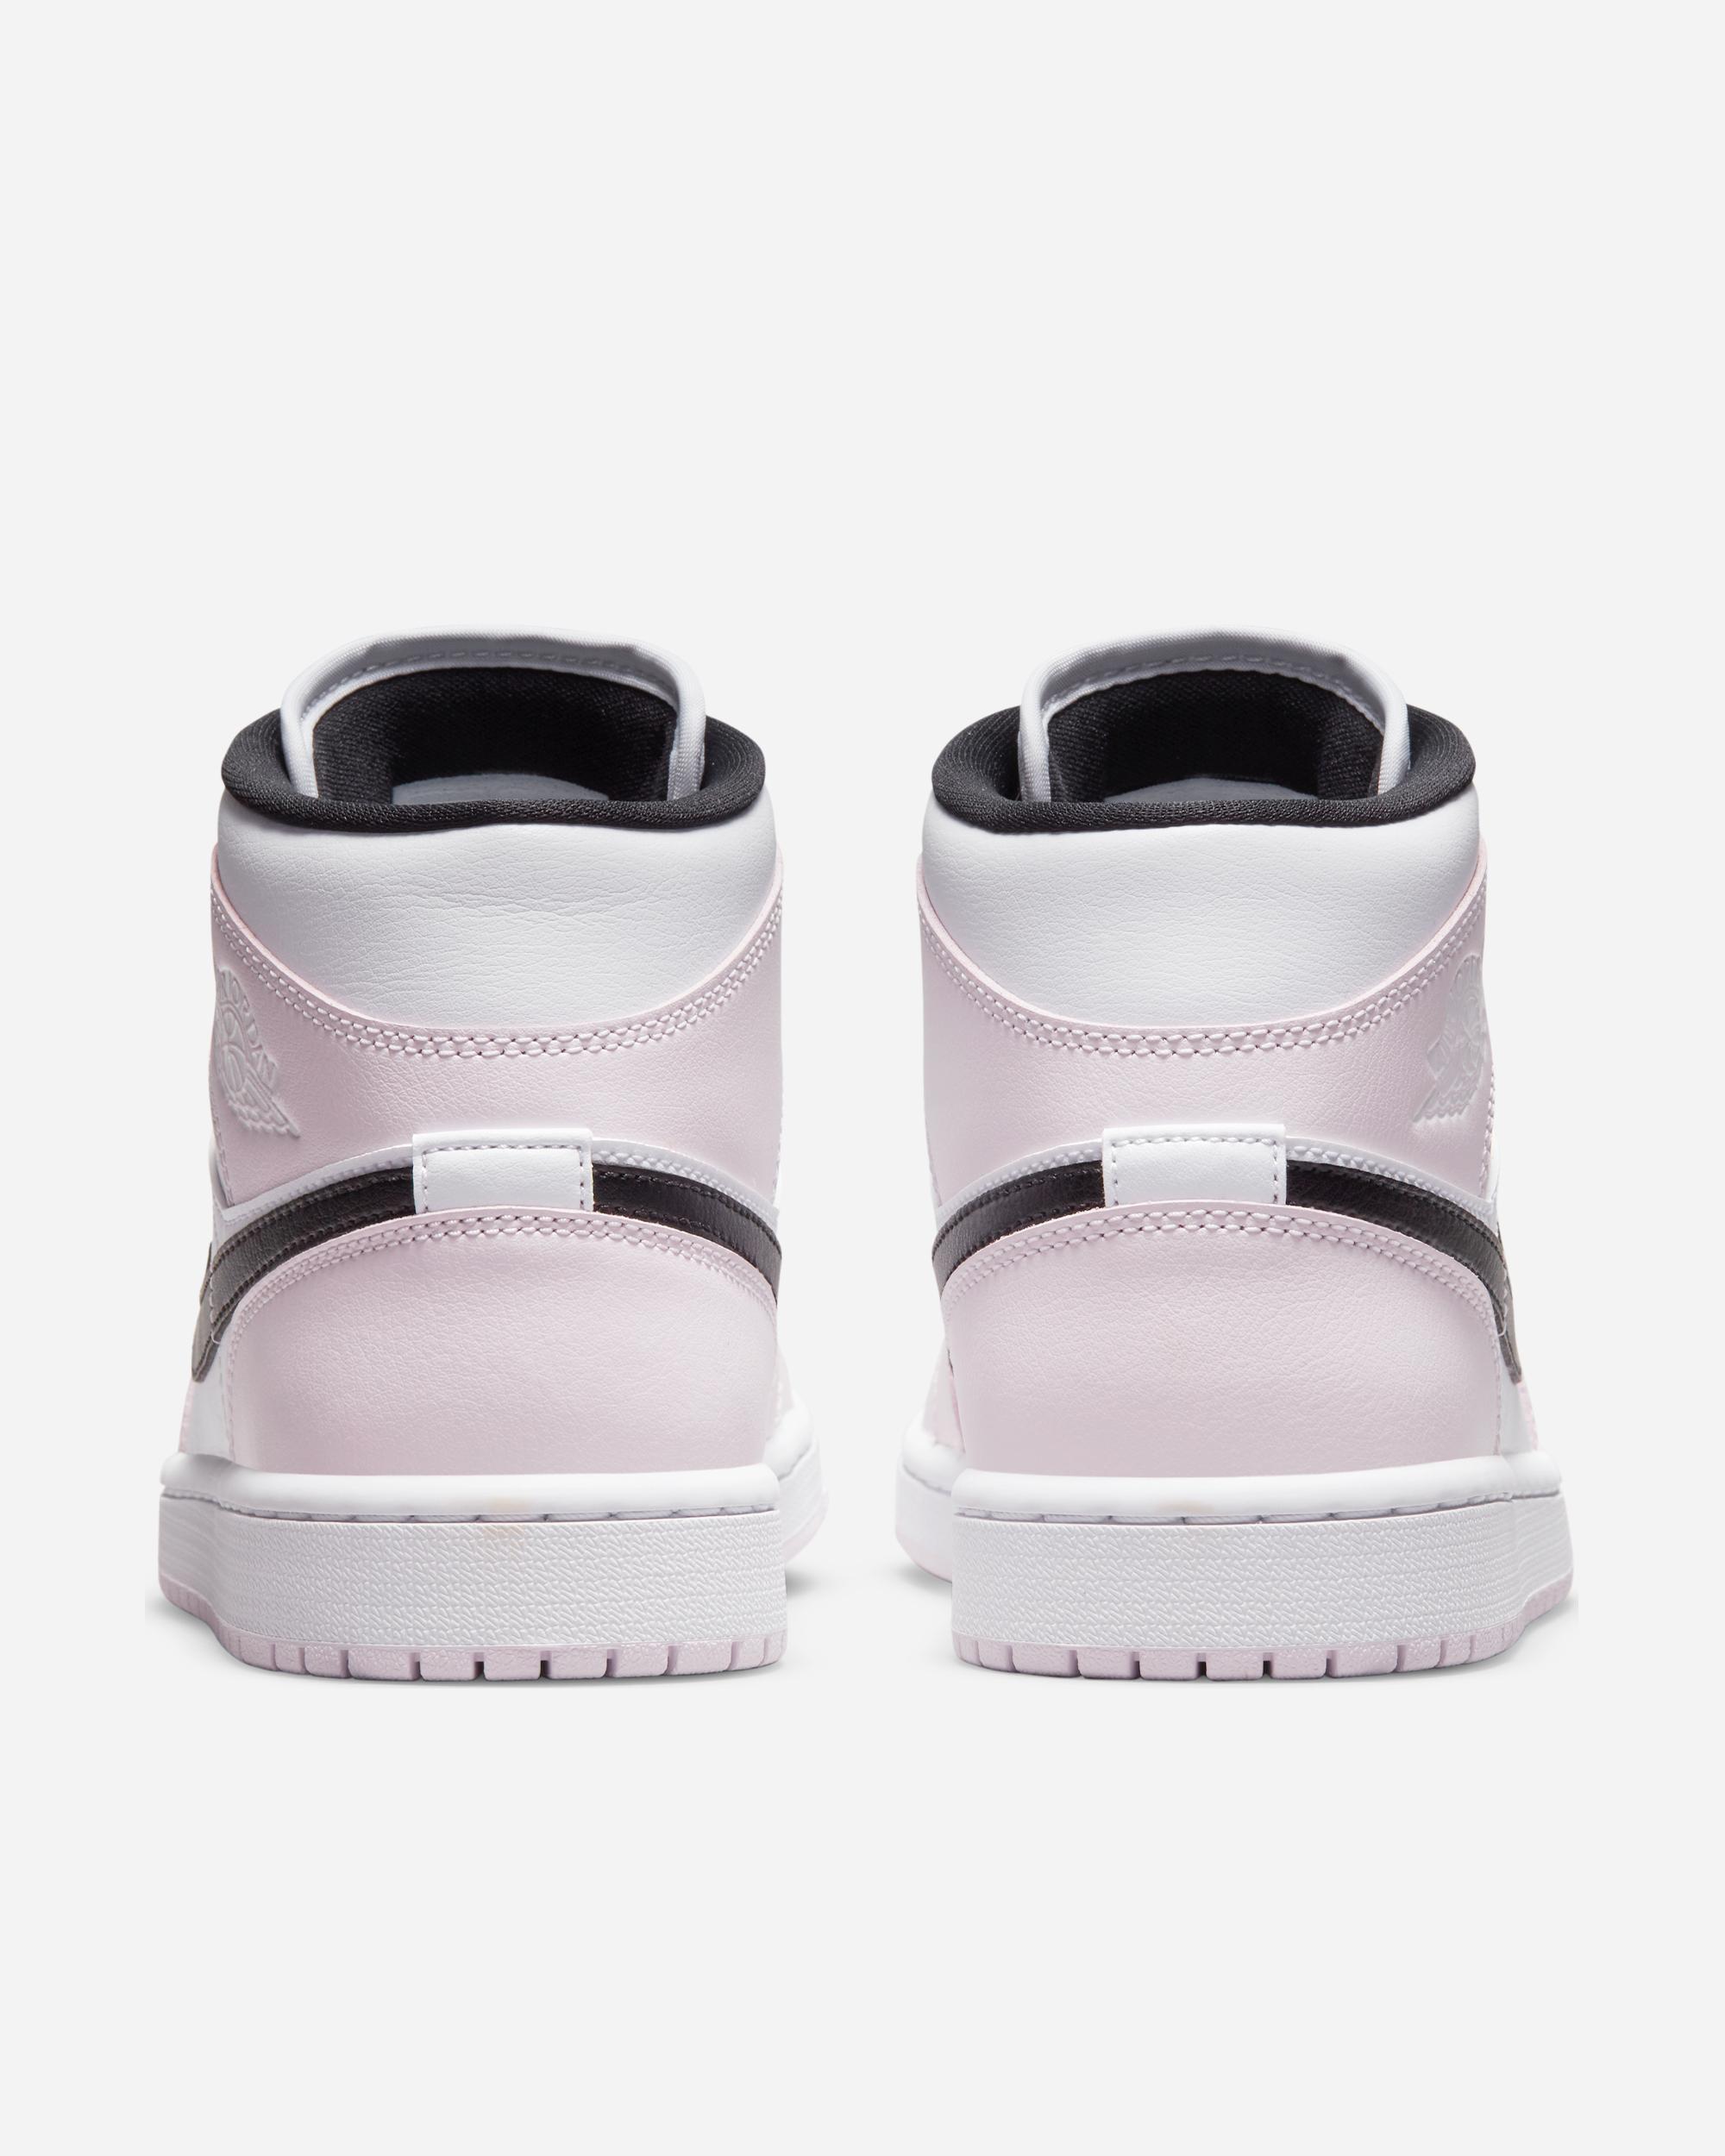 Jordan Brand Air Jordan 1 Mid Light Violet/White | BQ6472 500